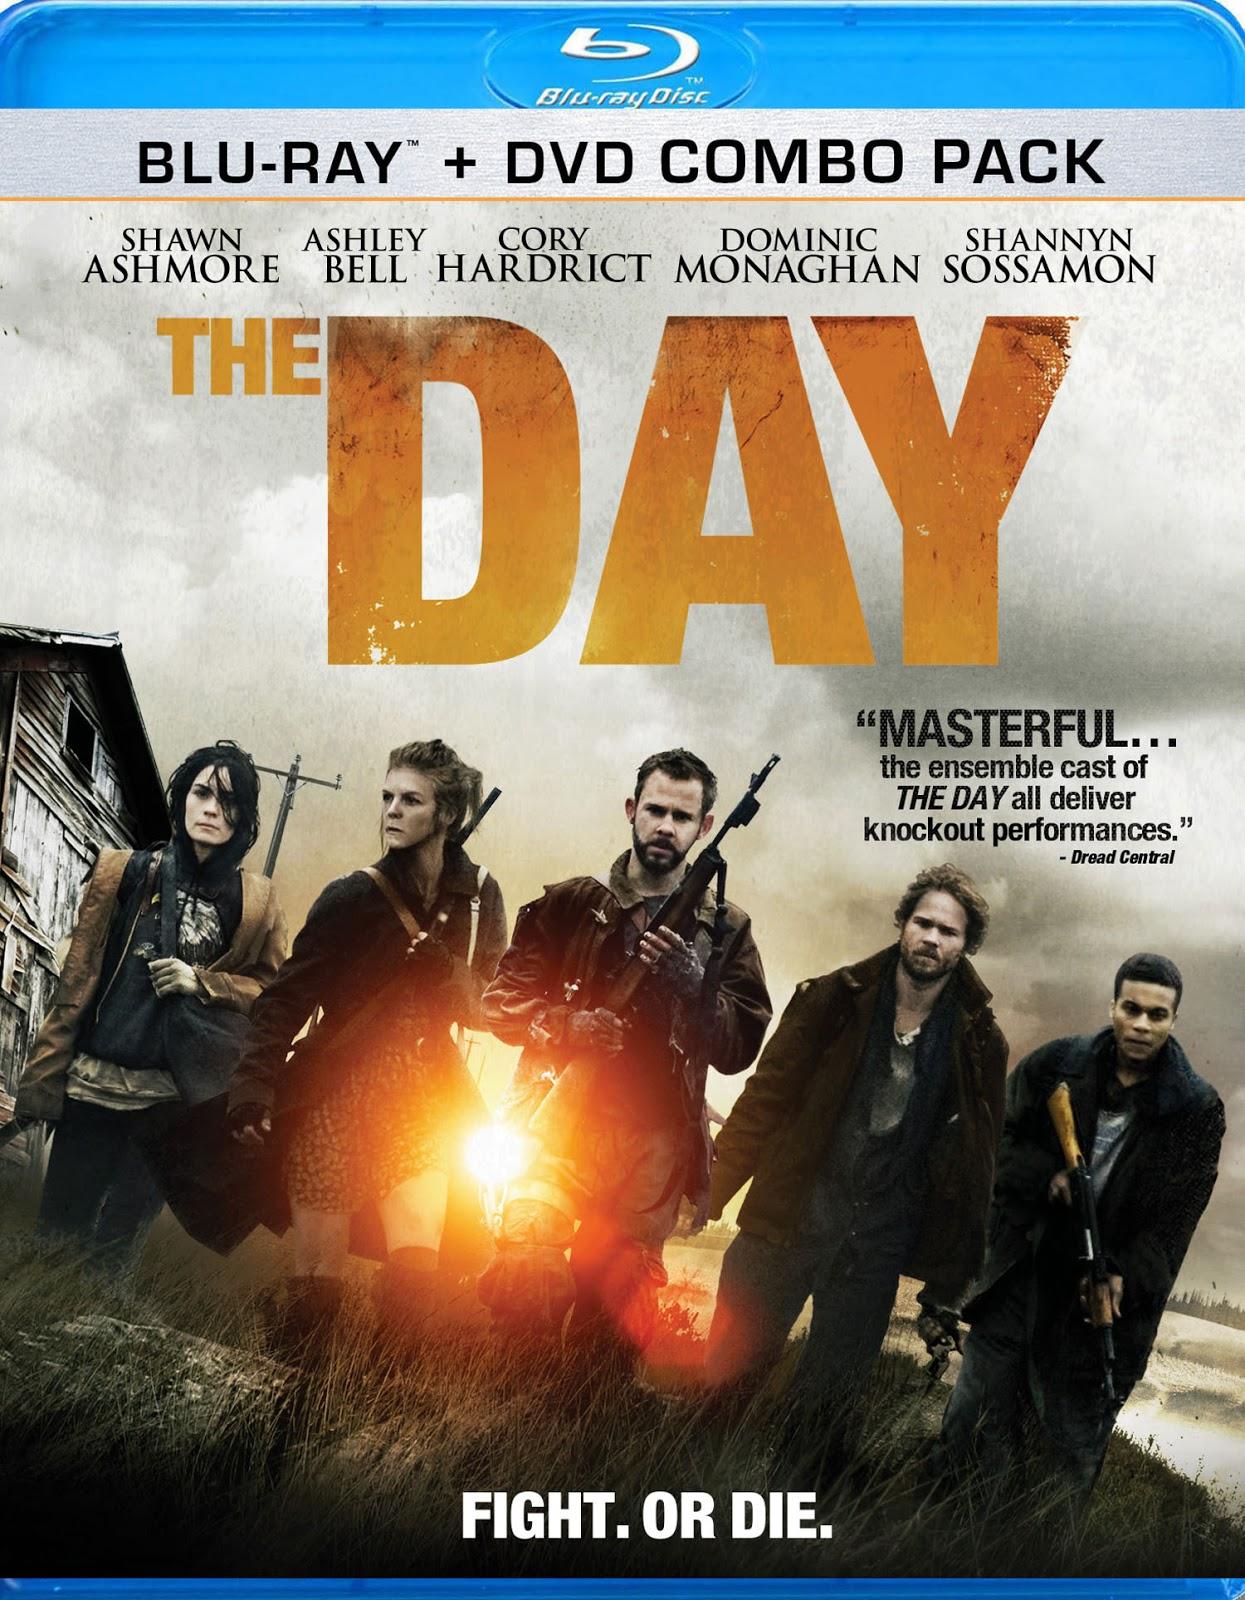 http://3.bp.blogspot.com/-HIH61X65T5E/UIDQyBqrXoI/AAAAAAAAqoU/qJVP9xFCk-E/s1600/2D+THE+DAY+BluRay-DVD+cover.jpg